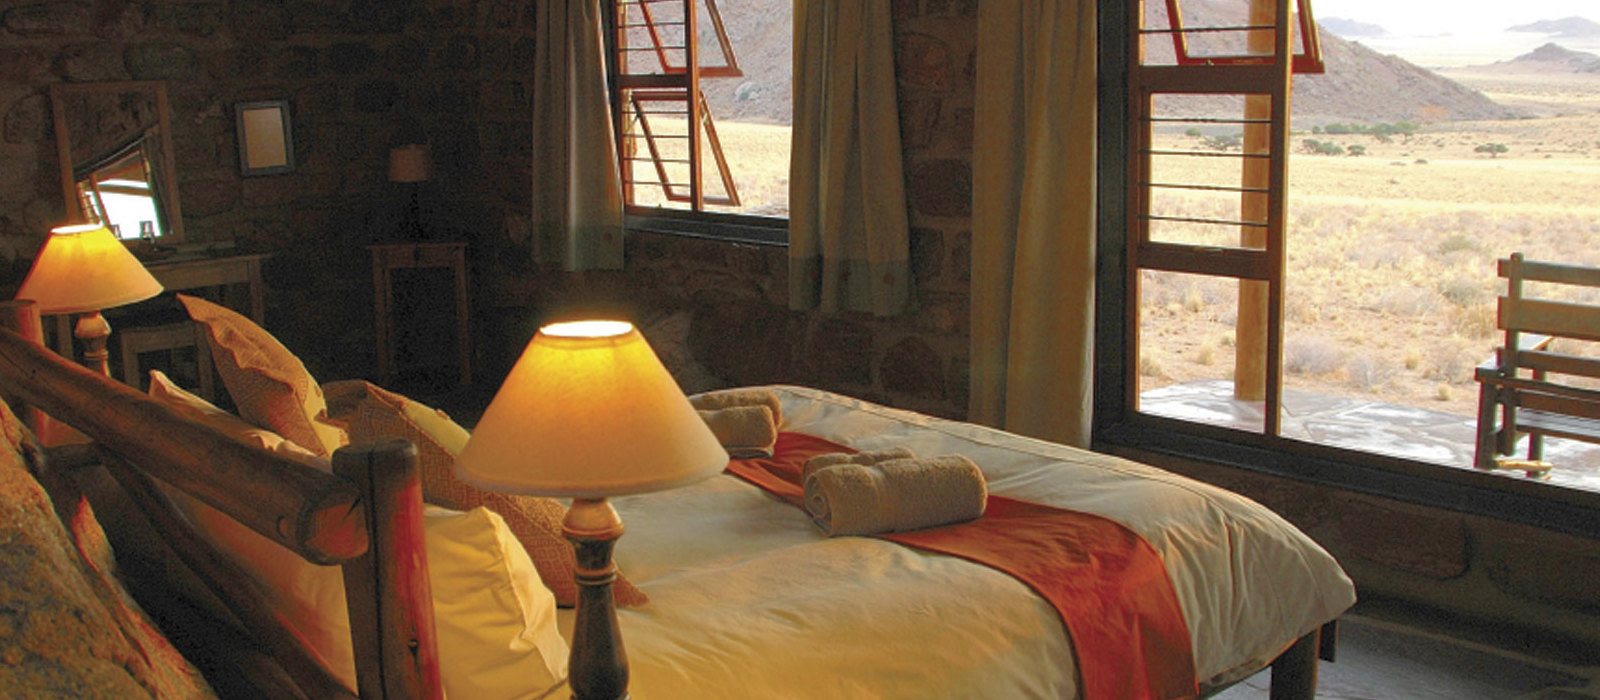 Hotel Klein Aus Vista Eagle's Nest Chalets Namibia